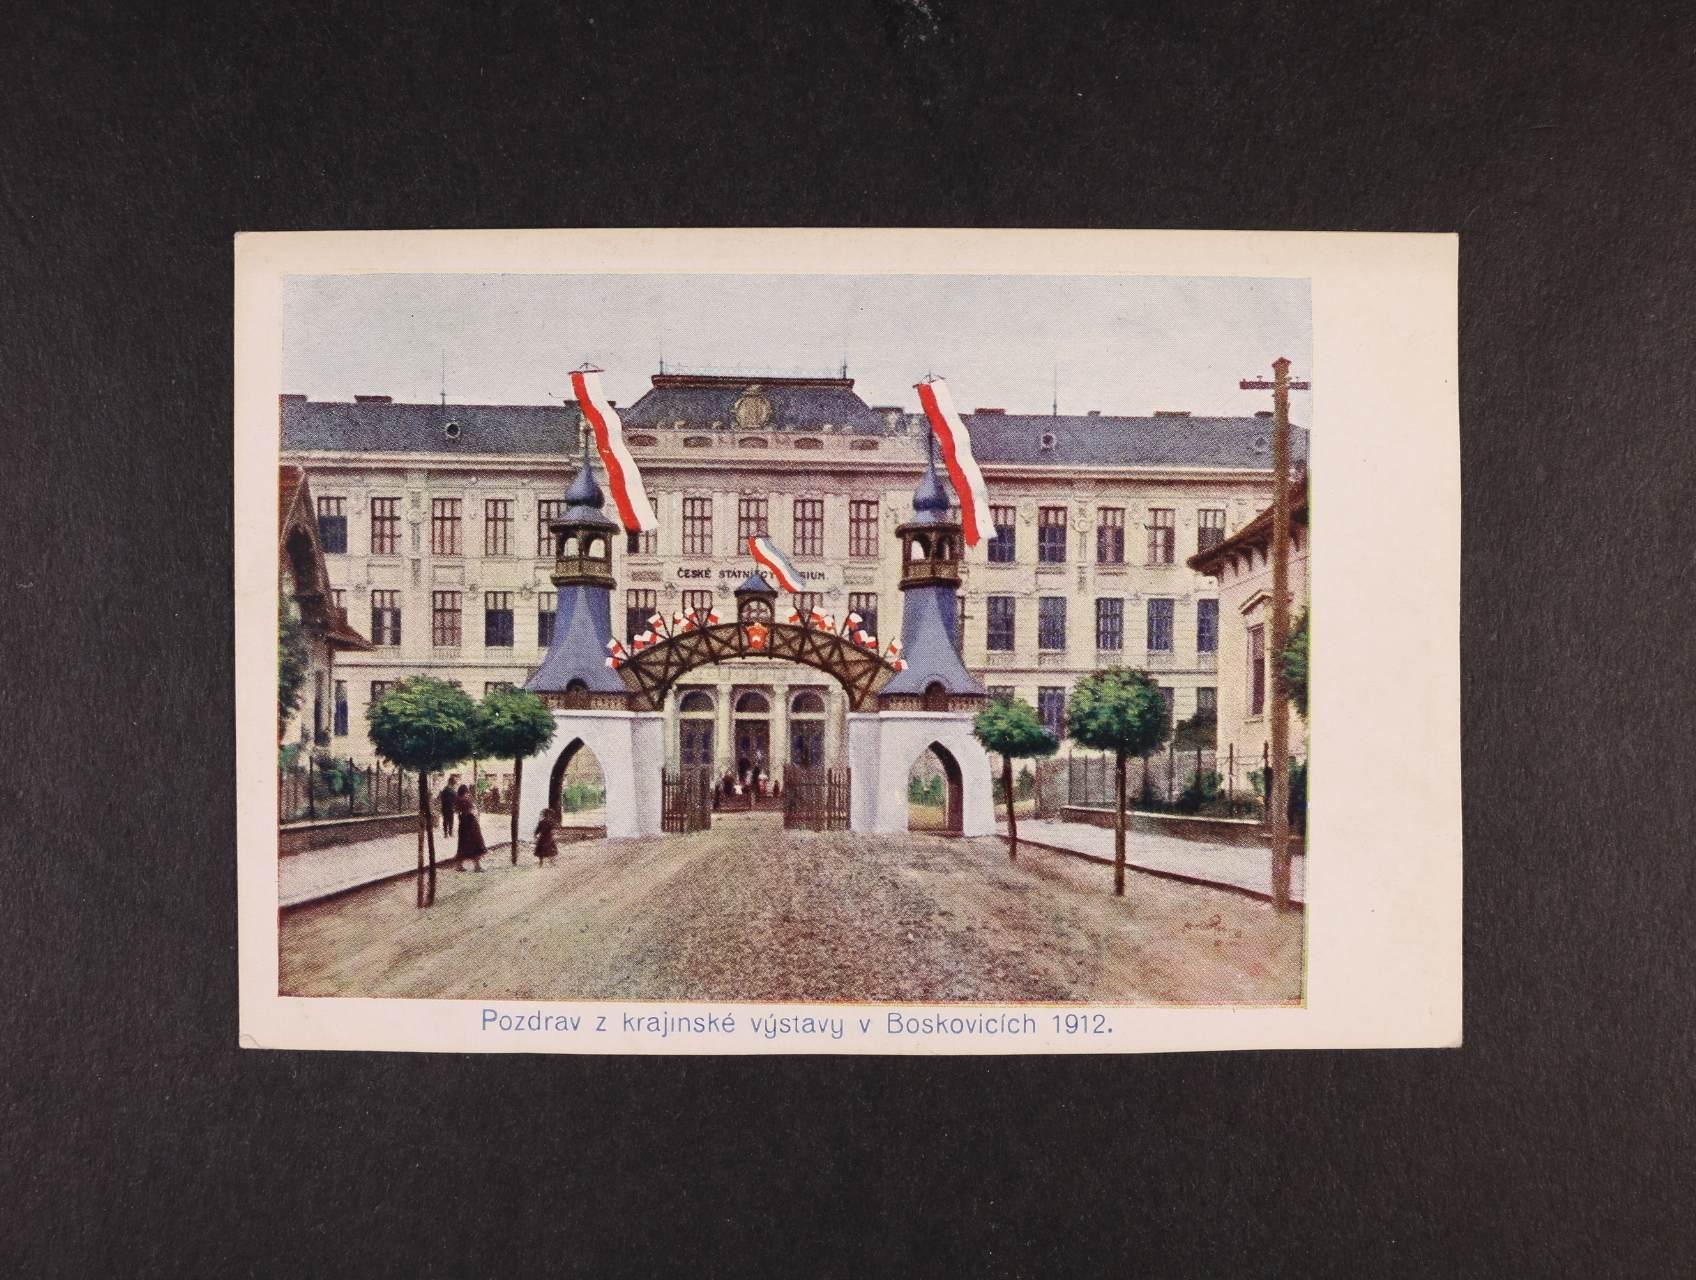 Výstavy - Boskovice krajanská výstava - bar. pohlednice, nepoužitá, dobrá kvalita